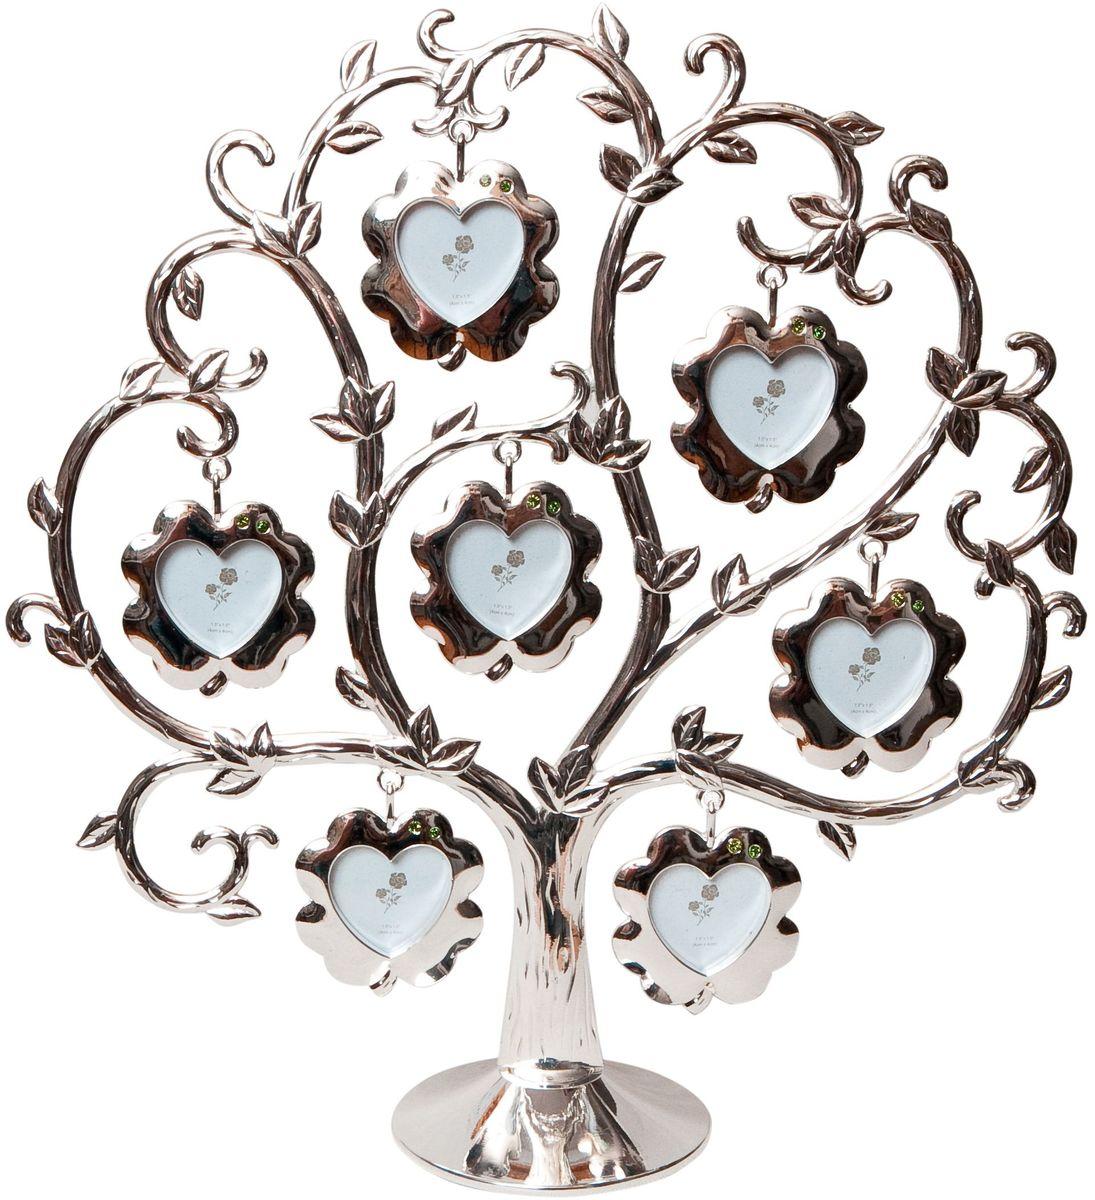 Фоторамка Platinum Дерево, цвет: светло-серый, на 7 фото, 4 x 4 см. PF9460BS7 фоторамок на дереве PF9460BSДекоративная фоторамка Platinum Дерево выполнена из металла. На подставку в виде деревца подвешиваются семь рамочек в форме цветочков, украшенных стразами. Изысканная и эффектная, эта потрясающая рамочка покорит своей красотой и изумительным качеством исполнения. Фоторамка Platinum Дерево не только украсит интерьер помещения, но и поможет разместить фото всей вашей семьи. Высота фоторамки: 25 см. Фоторамка подходит для фотографий 4 х 4 см. Общий размер фоторамки: 24 х 5 х 25 см.